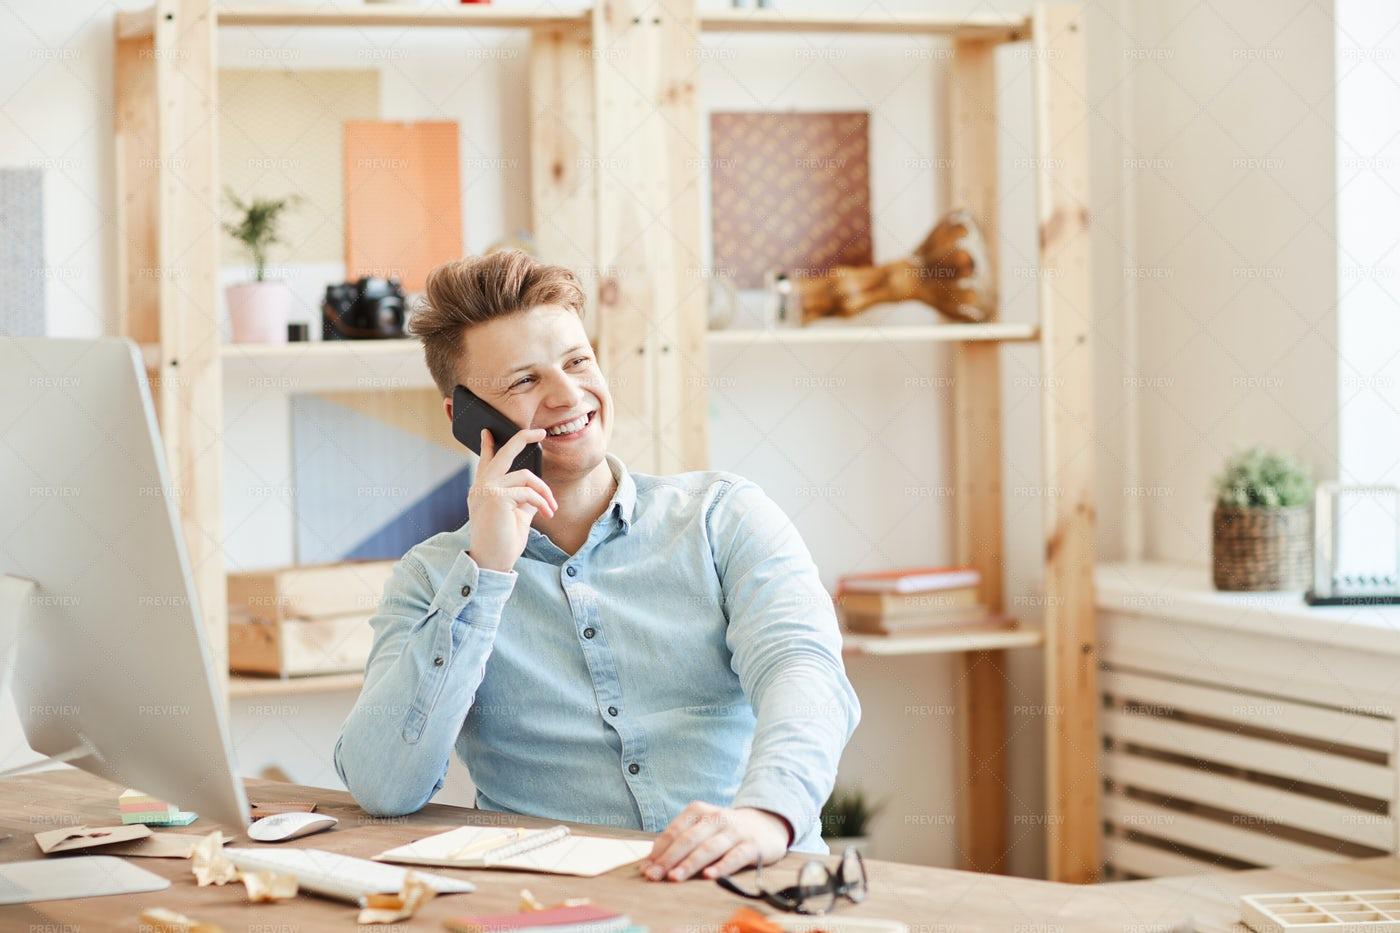 Positive Entrepreneur...: Stock Photos